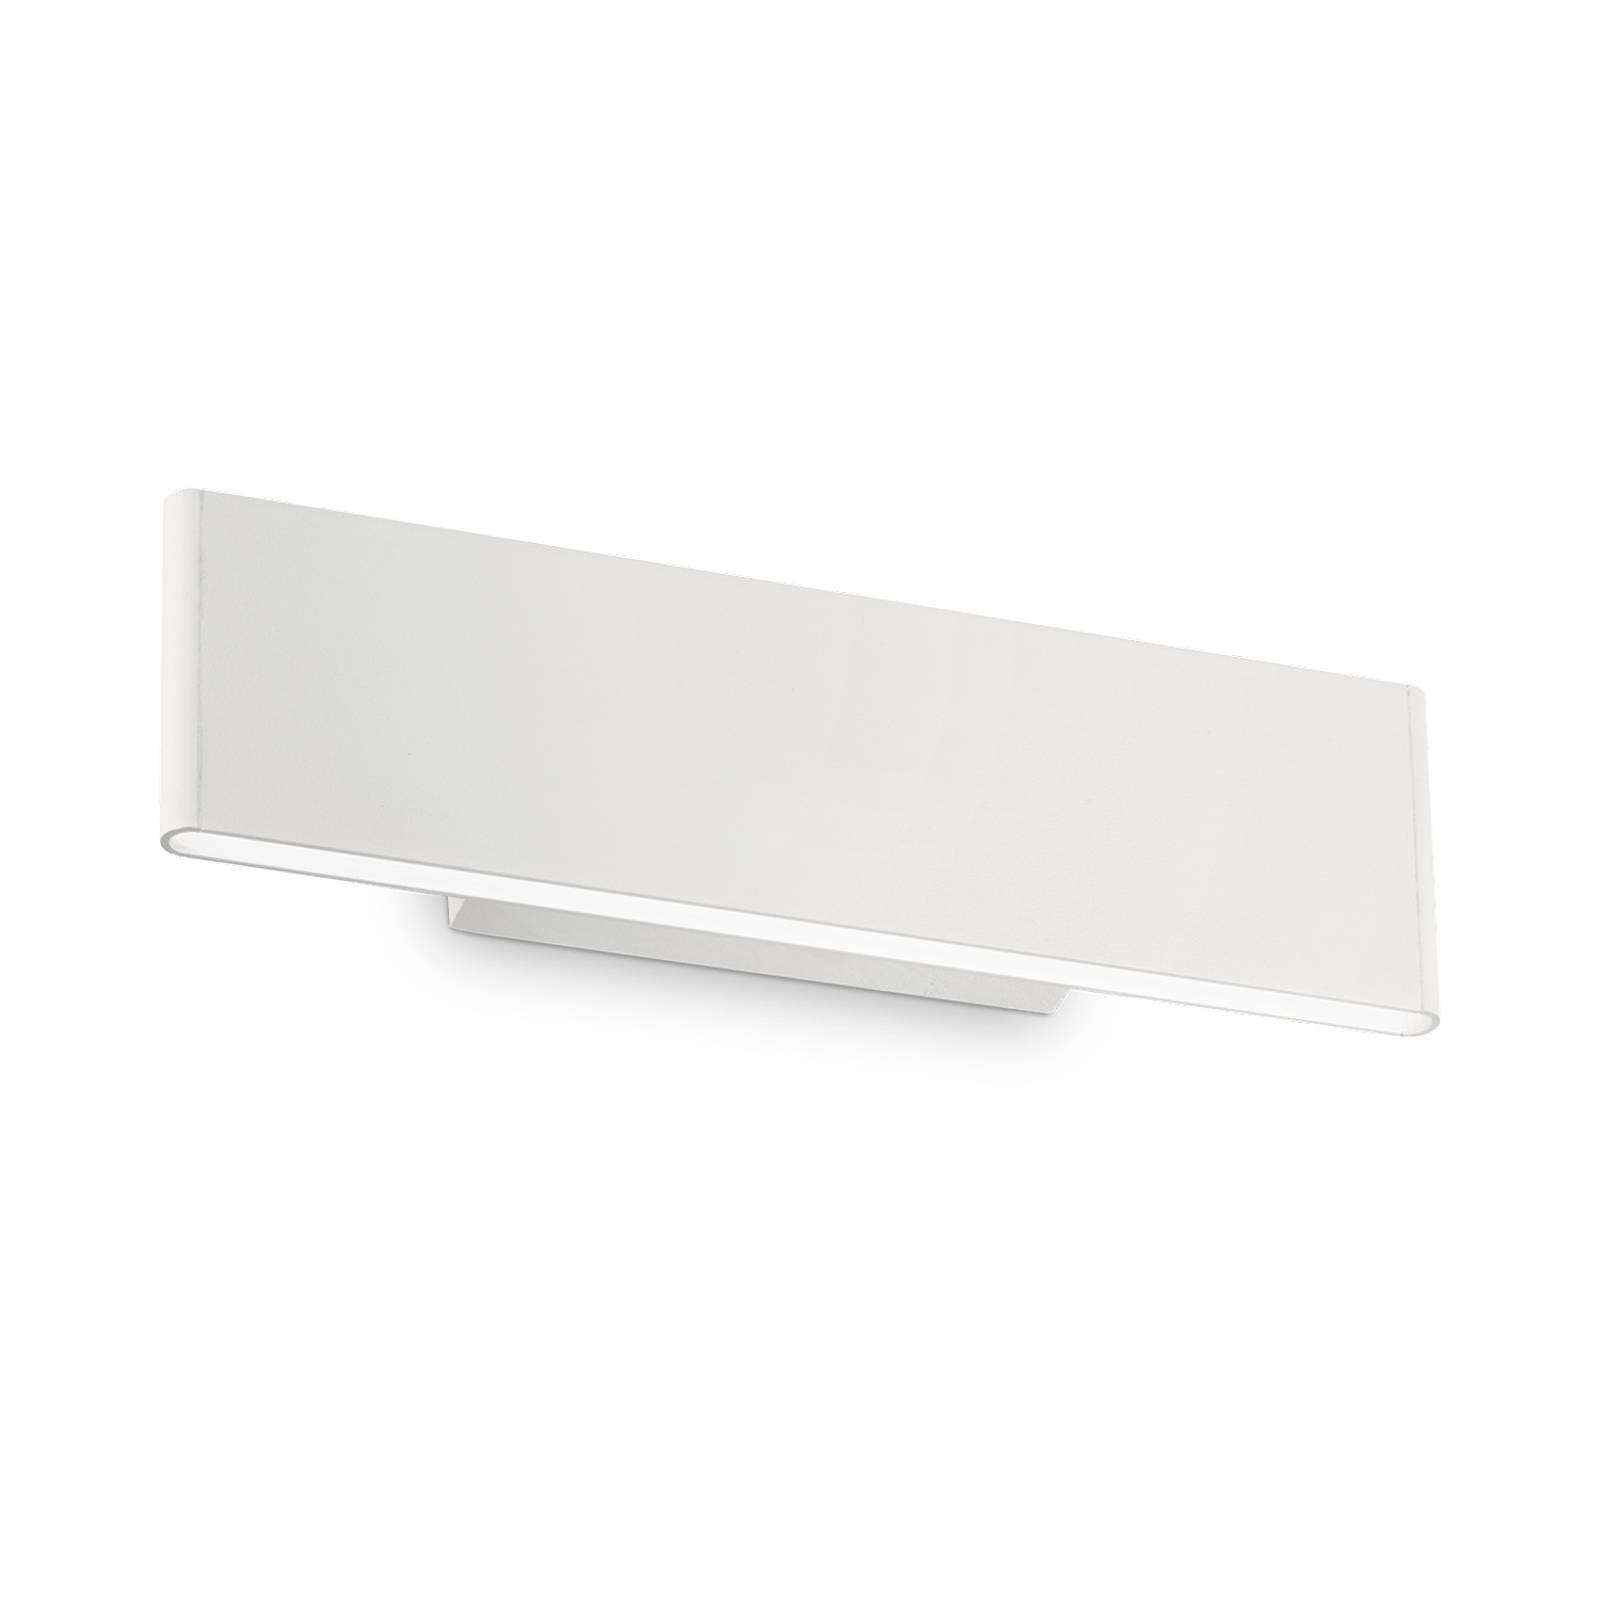 LED-seinävalaisin Desk, valkoinen, ylä-/alavalo